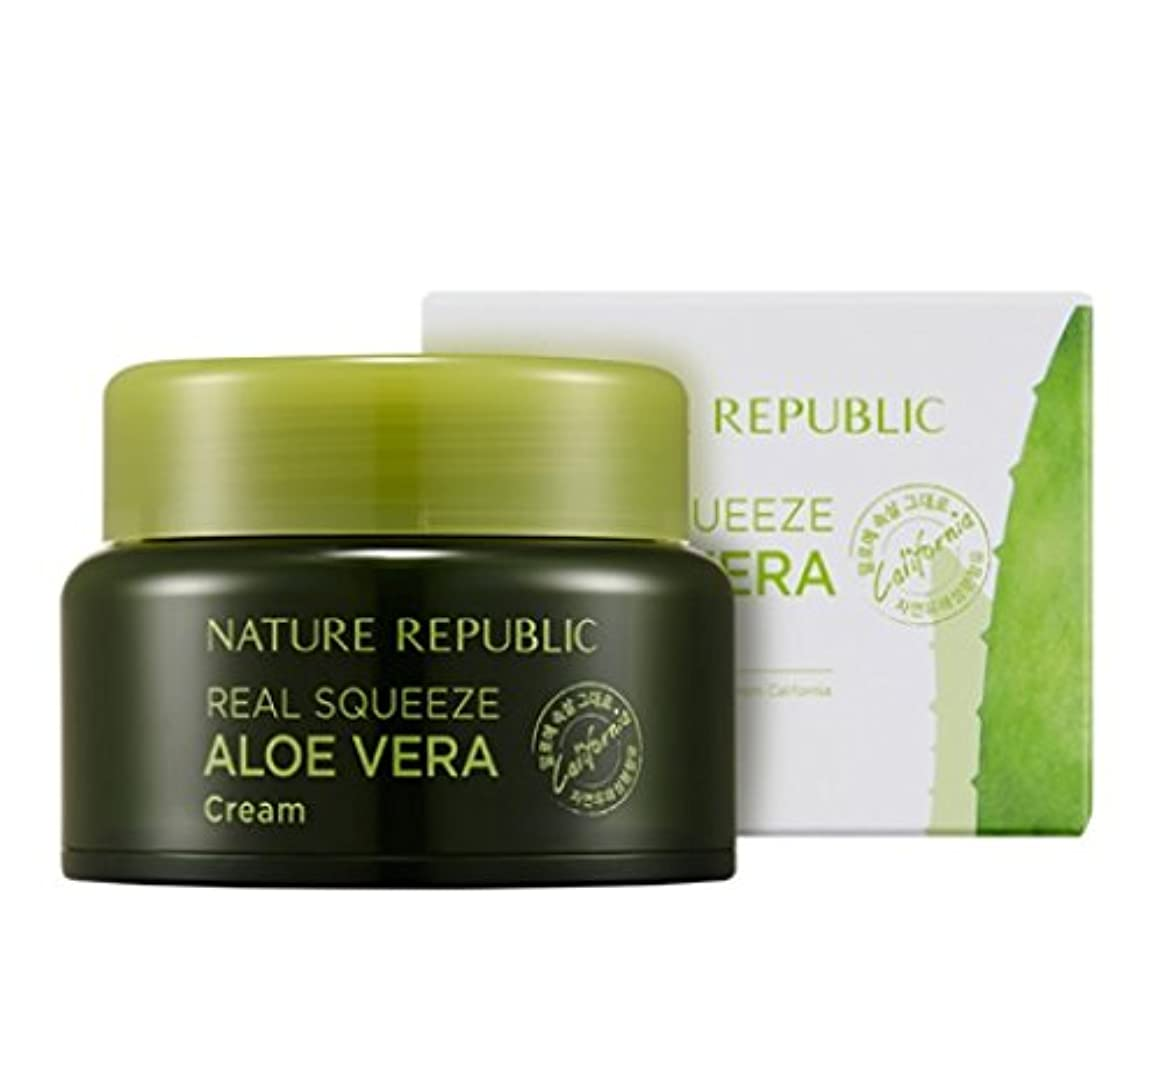 成功したインフラ見つける[Nature Republic]ネイチャーリパブリック[Real Squeeze Aloe Vera Cream](リアルスクィーズアロエベラクリーム) [並行輸入品]